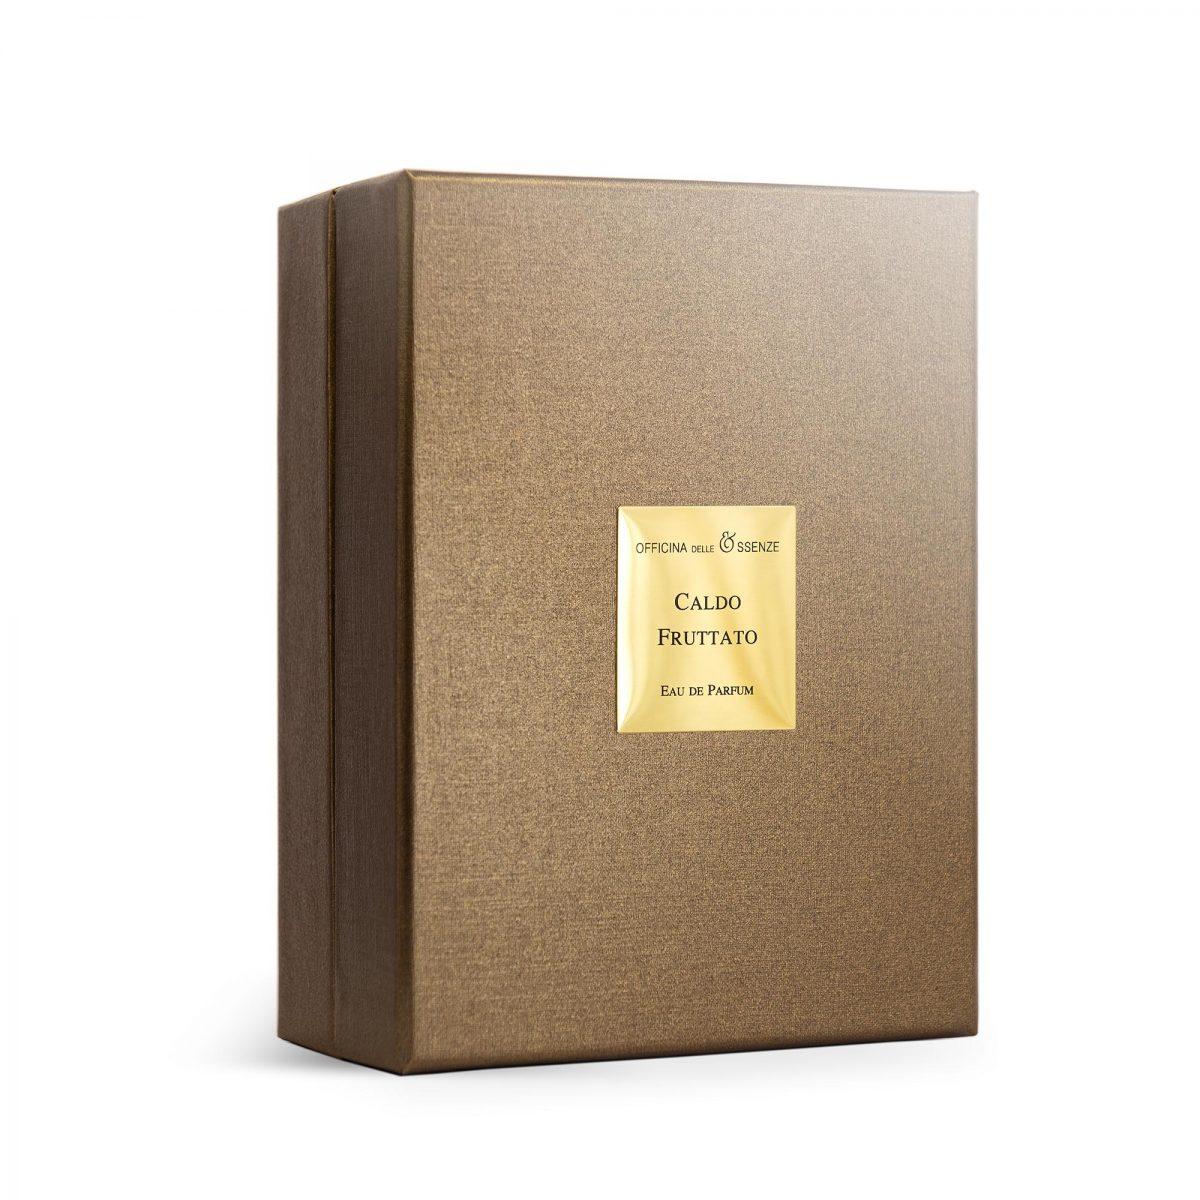 Officina delle Essenze box Caldo Fruttato